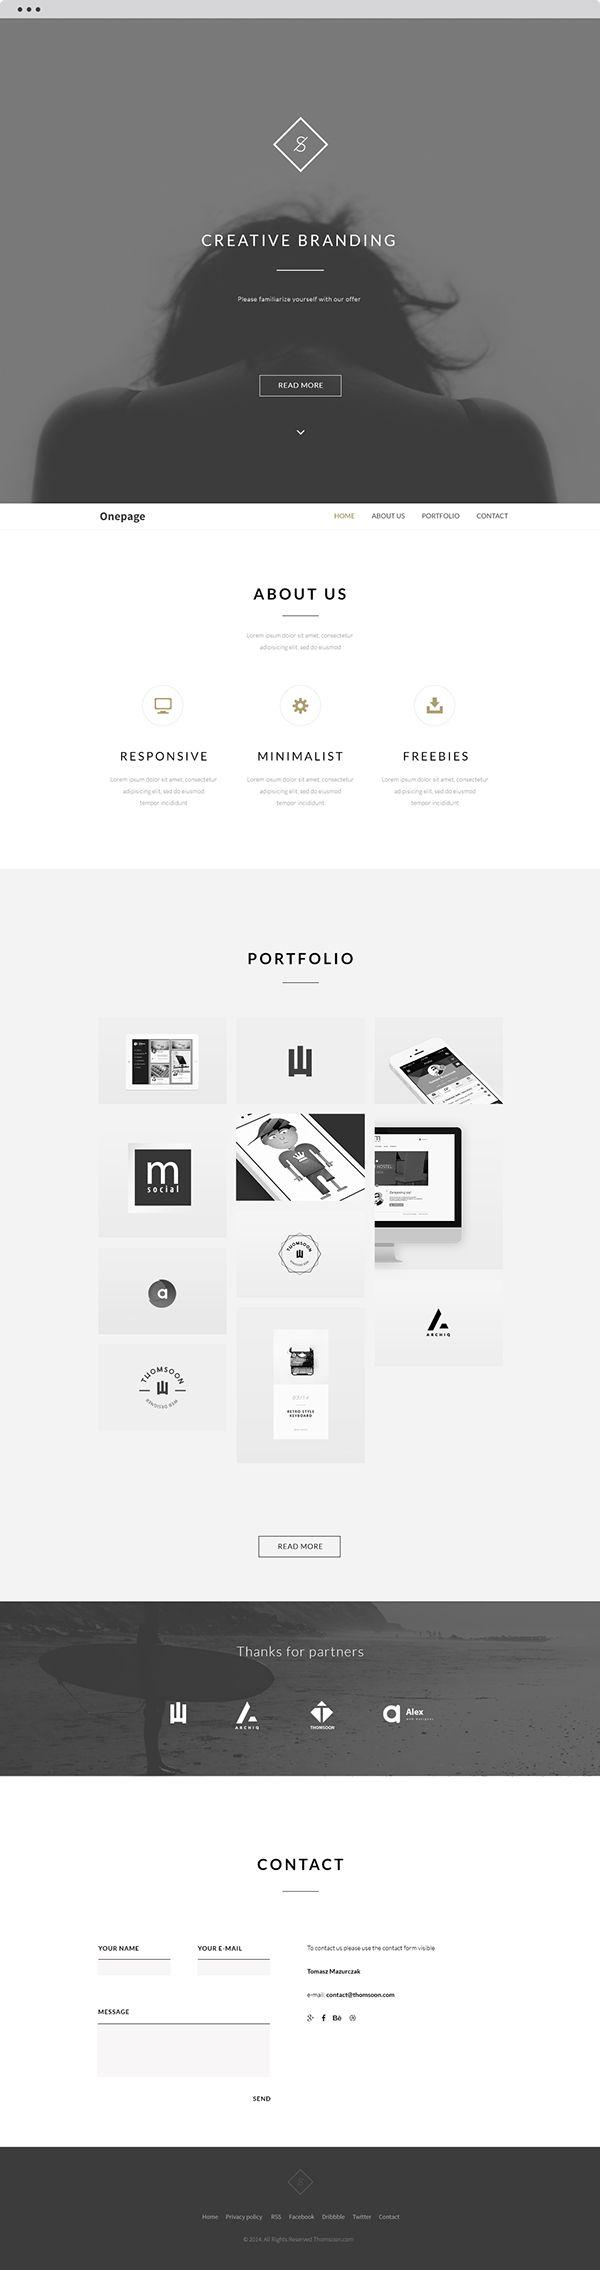 Home front tor design katalog  best design images on pinterest  editorial design page layout